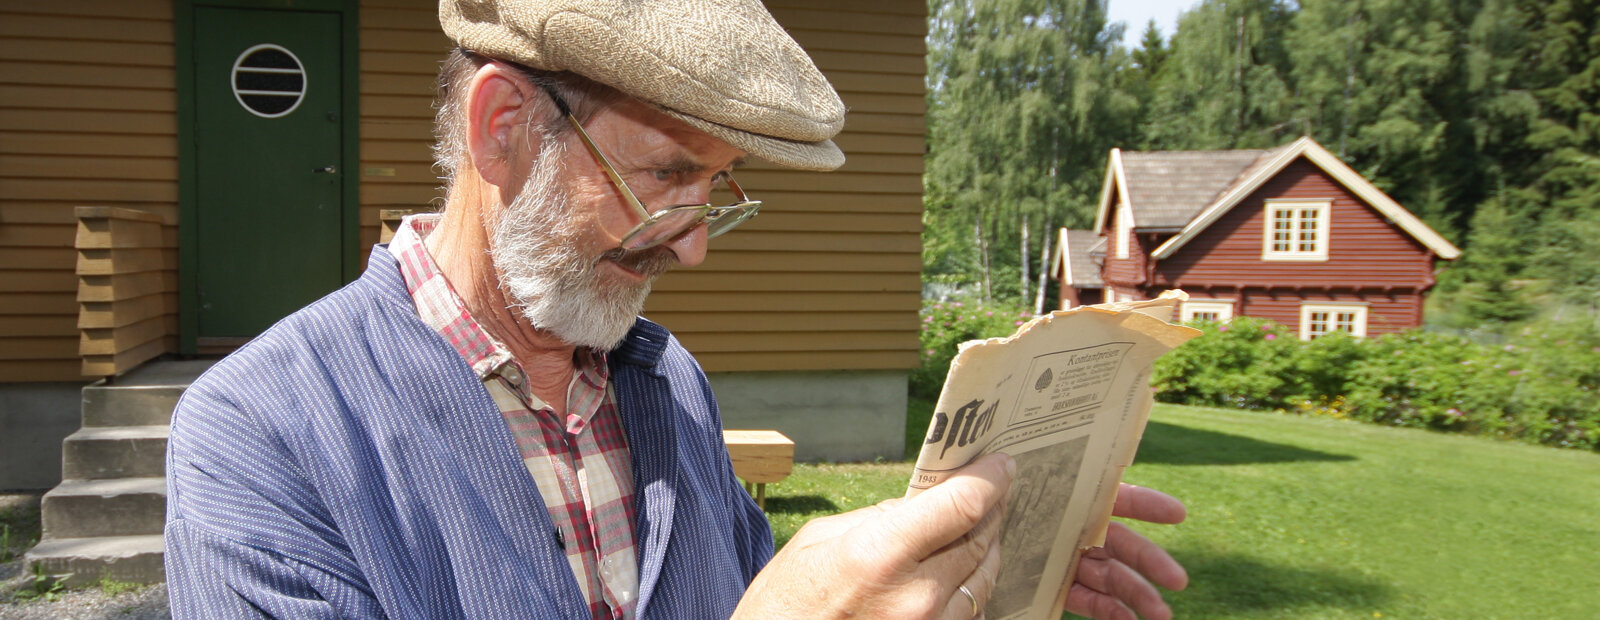 Mann i busserull leser avis utenfor 1940-tallshuset.